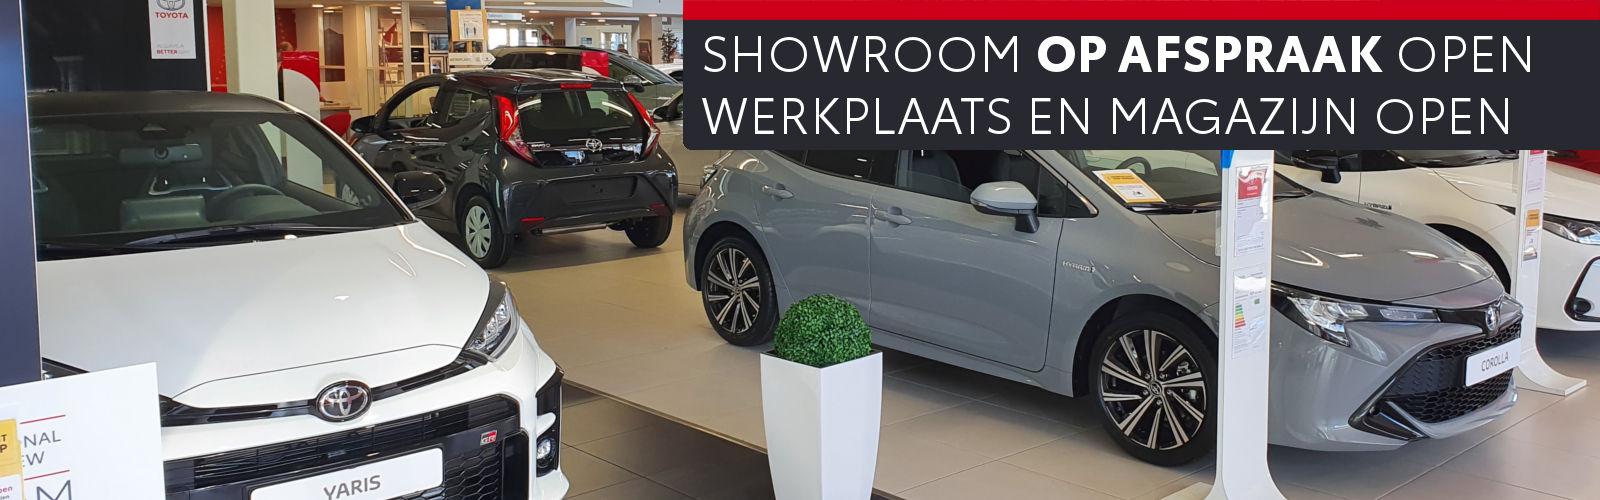 Mengelers Toyota showroom op afspraak open